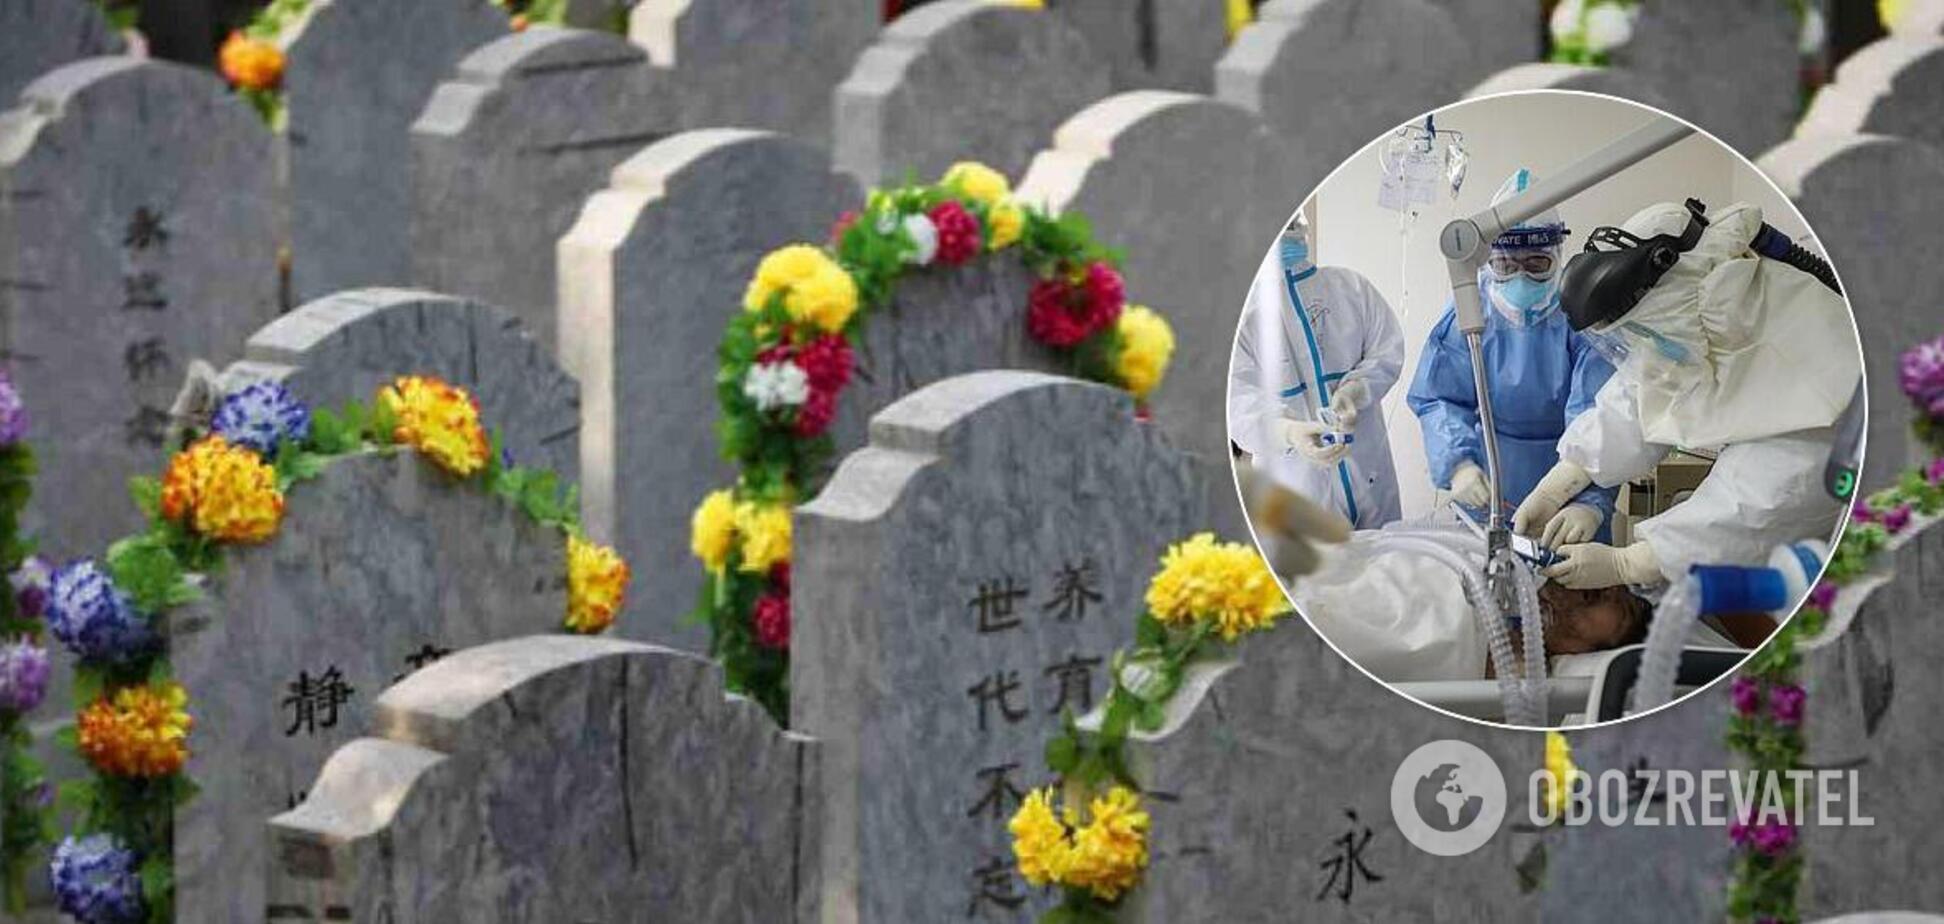 В Китае 'умерший' в больнице мужчина вернулся домой: тело не опознали из-за коронавируса